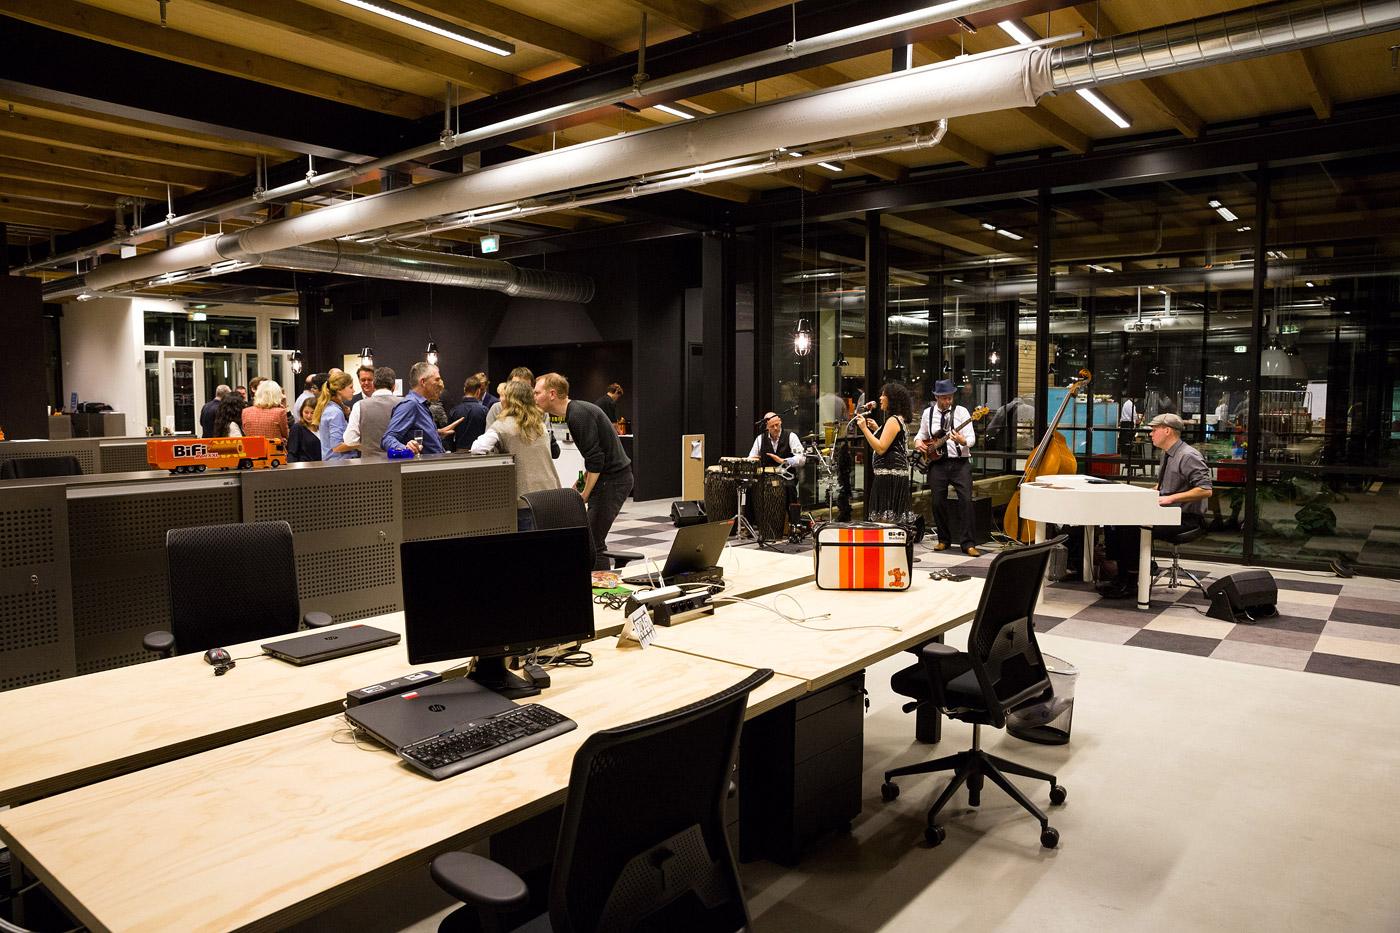 jacklinks-bifi-peperami-amsterdam-feest-receptie-hoofdkantoor-hersbach-opening